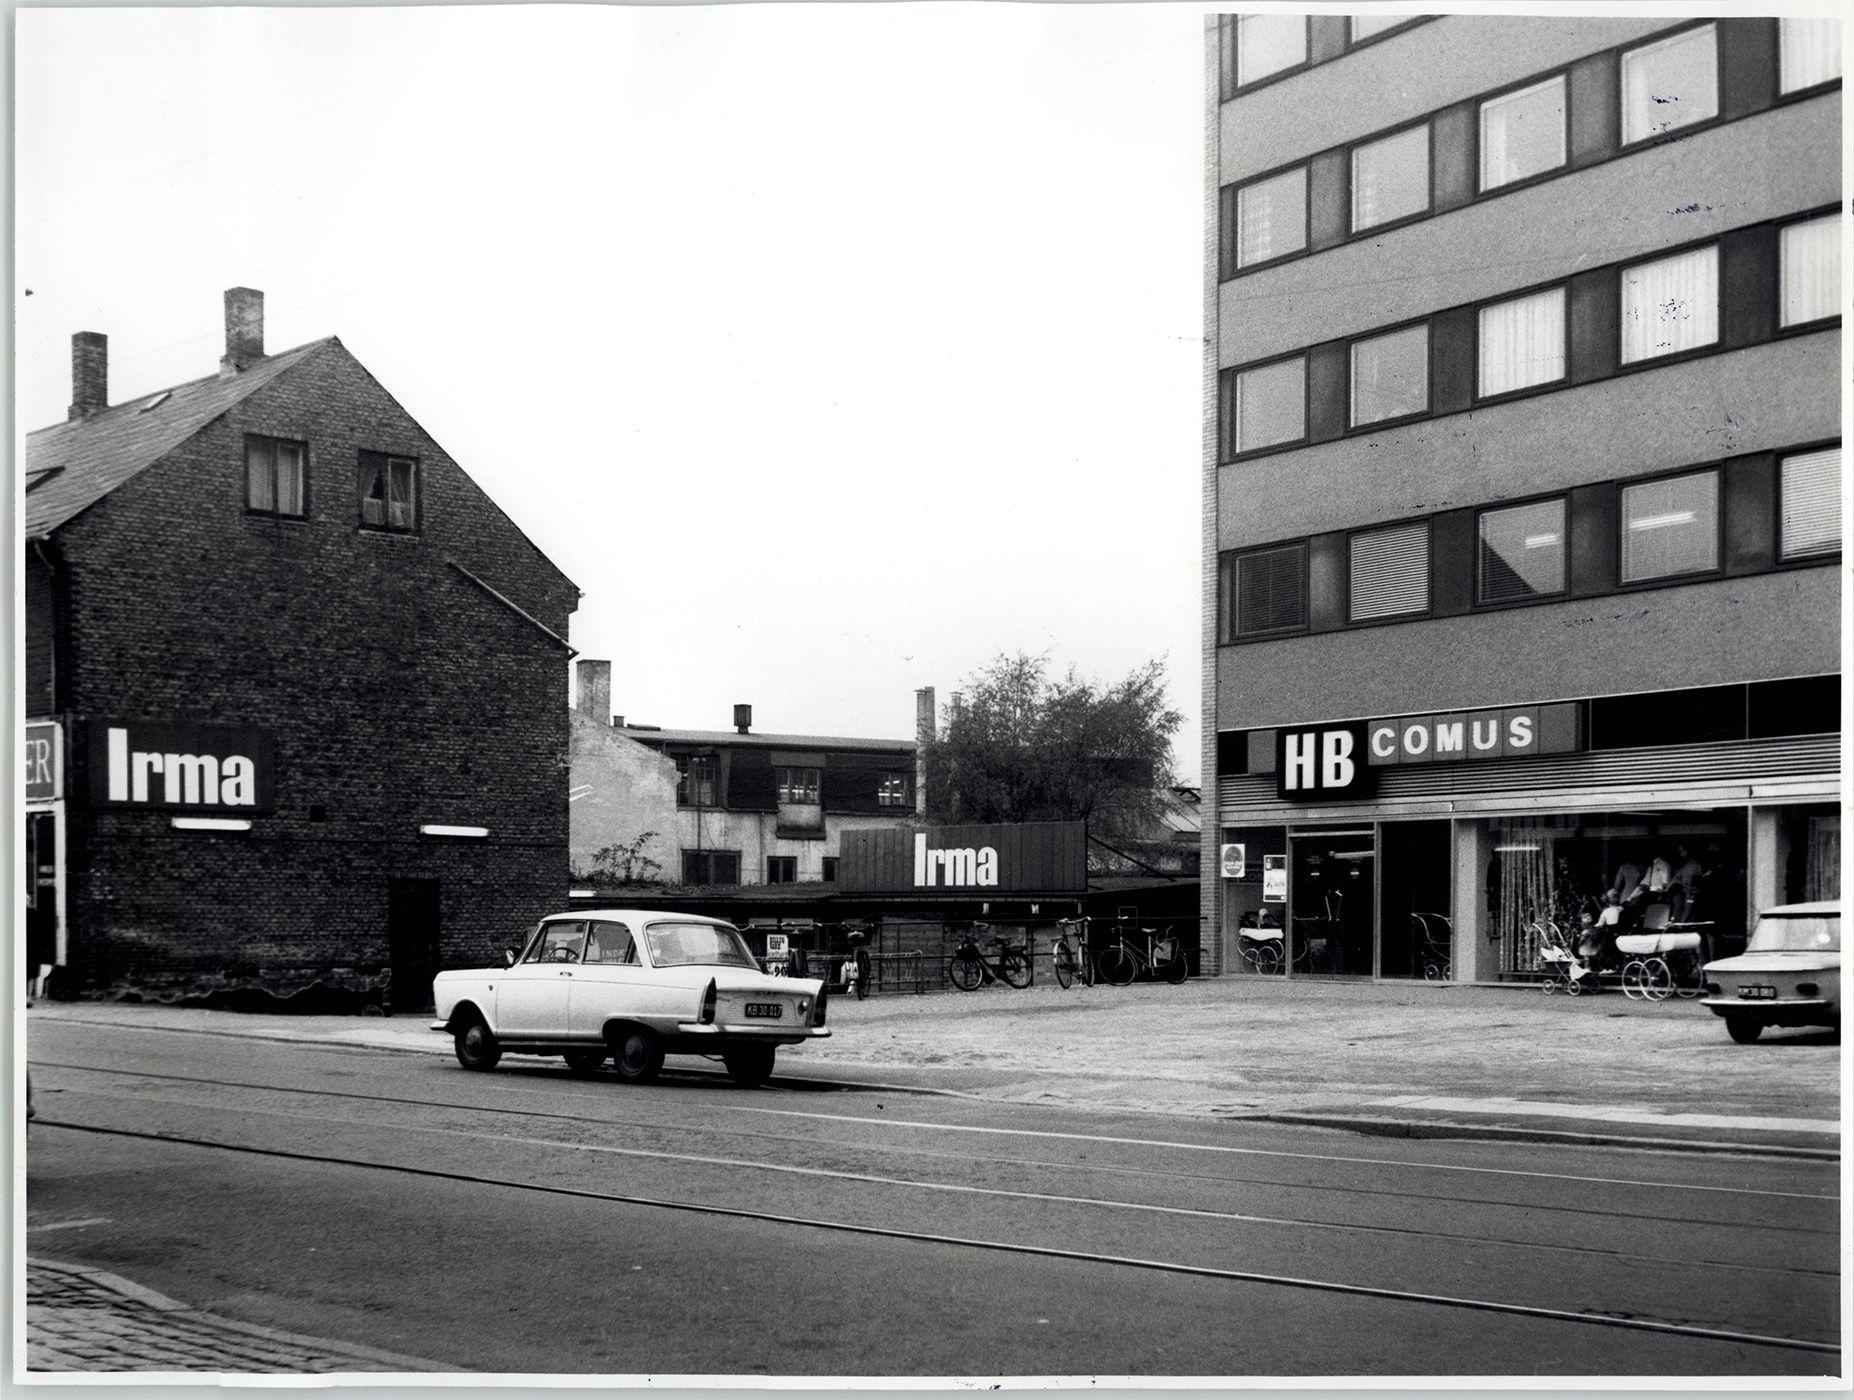 Valby Langgade HB - Irma. 1966